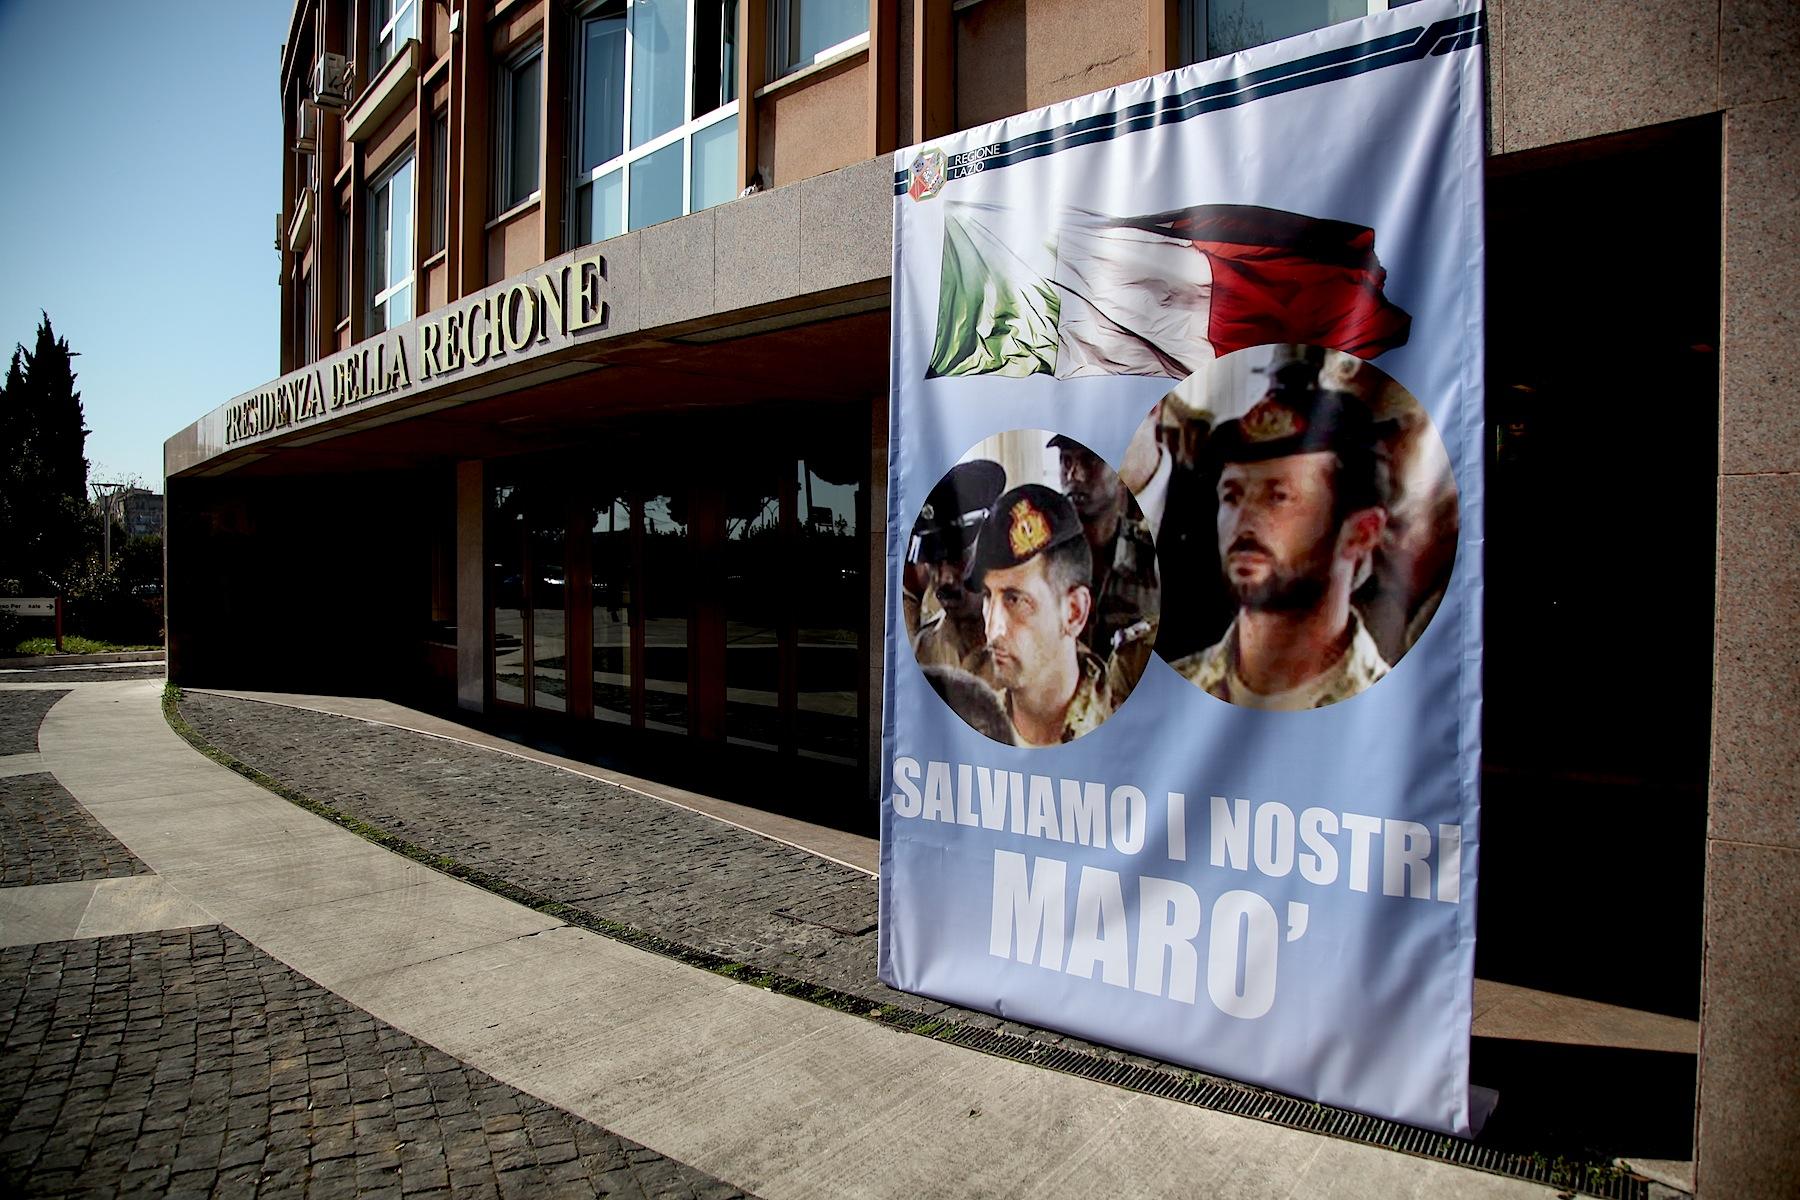 Marò in Italia, ora con l'India rischiamo l'onore